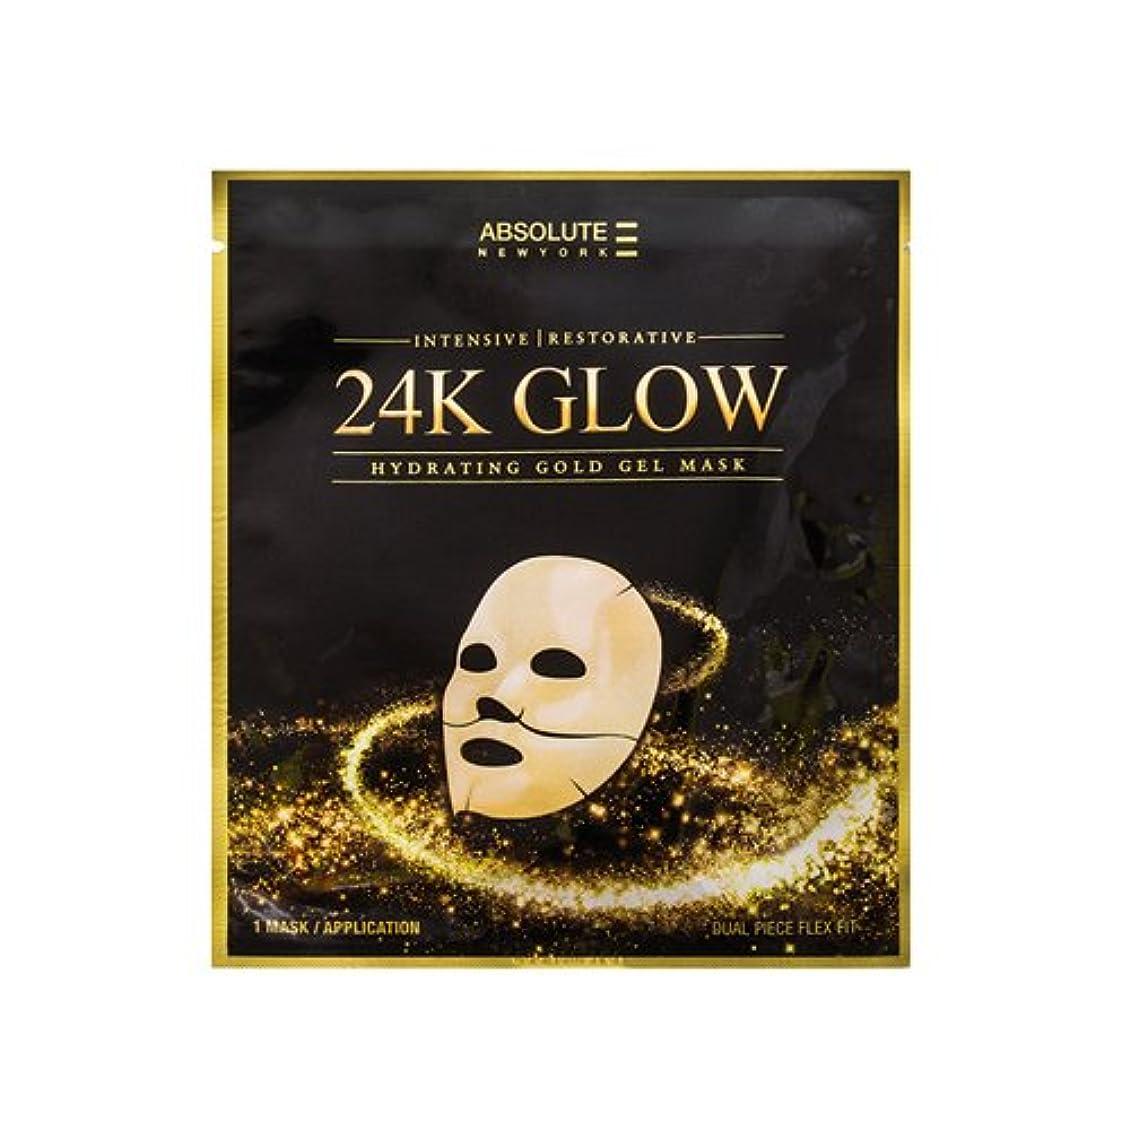 不良品粘り強いジョージスティーブンソン(3 Pack) Absolute 24K Glow Gold Gel Mask (並行輸入品)